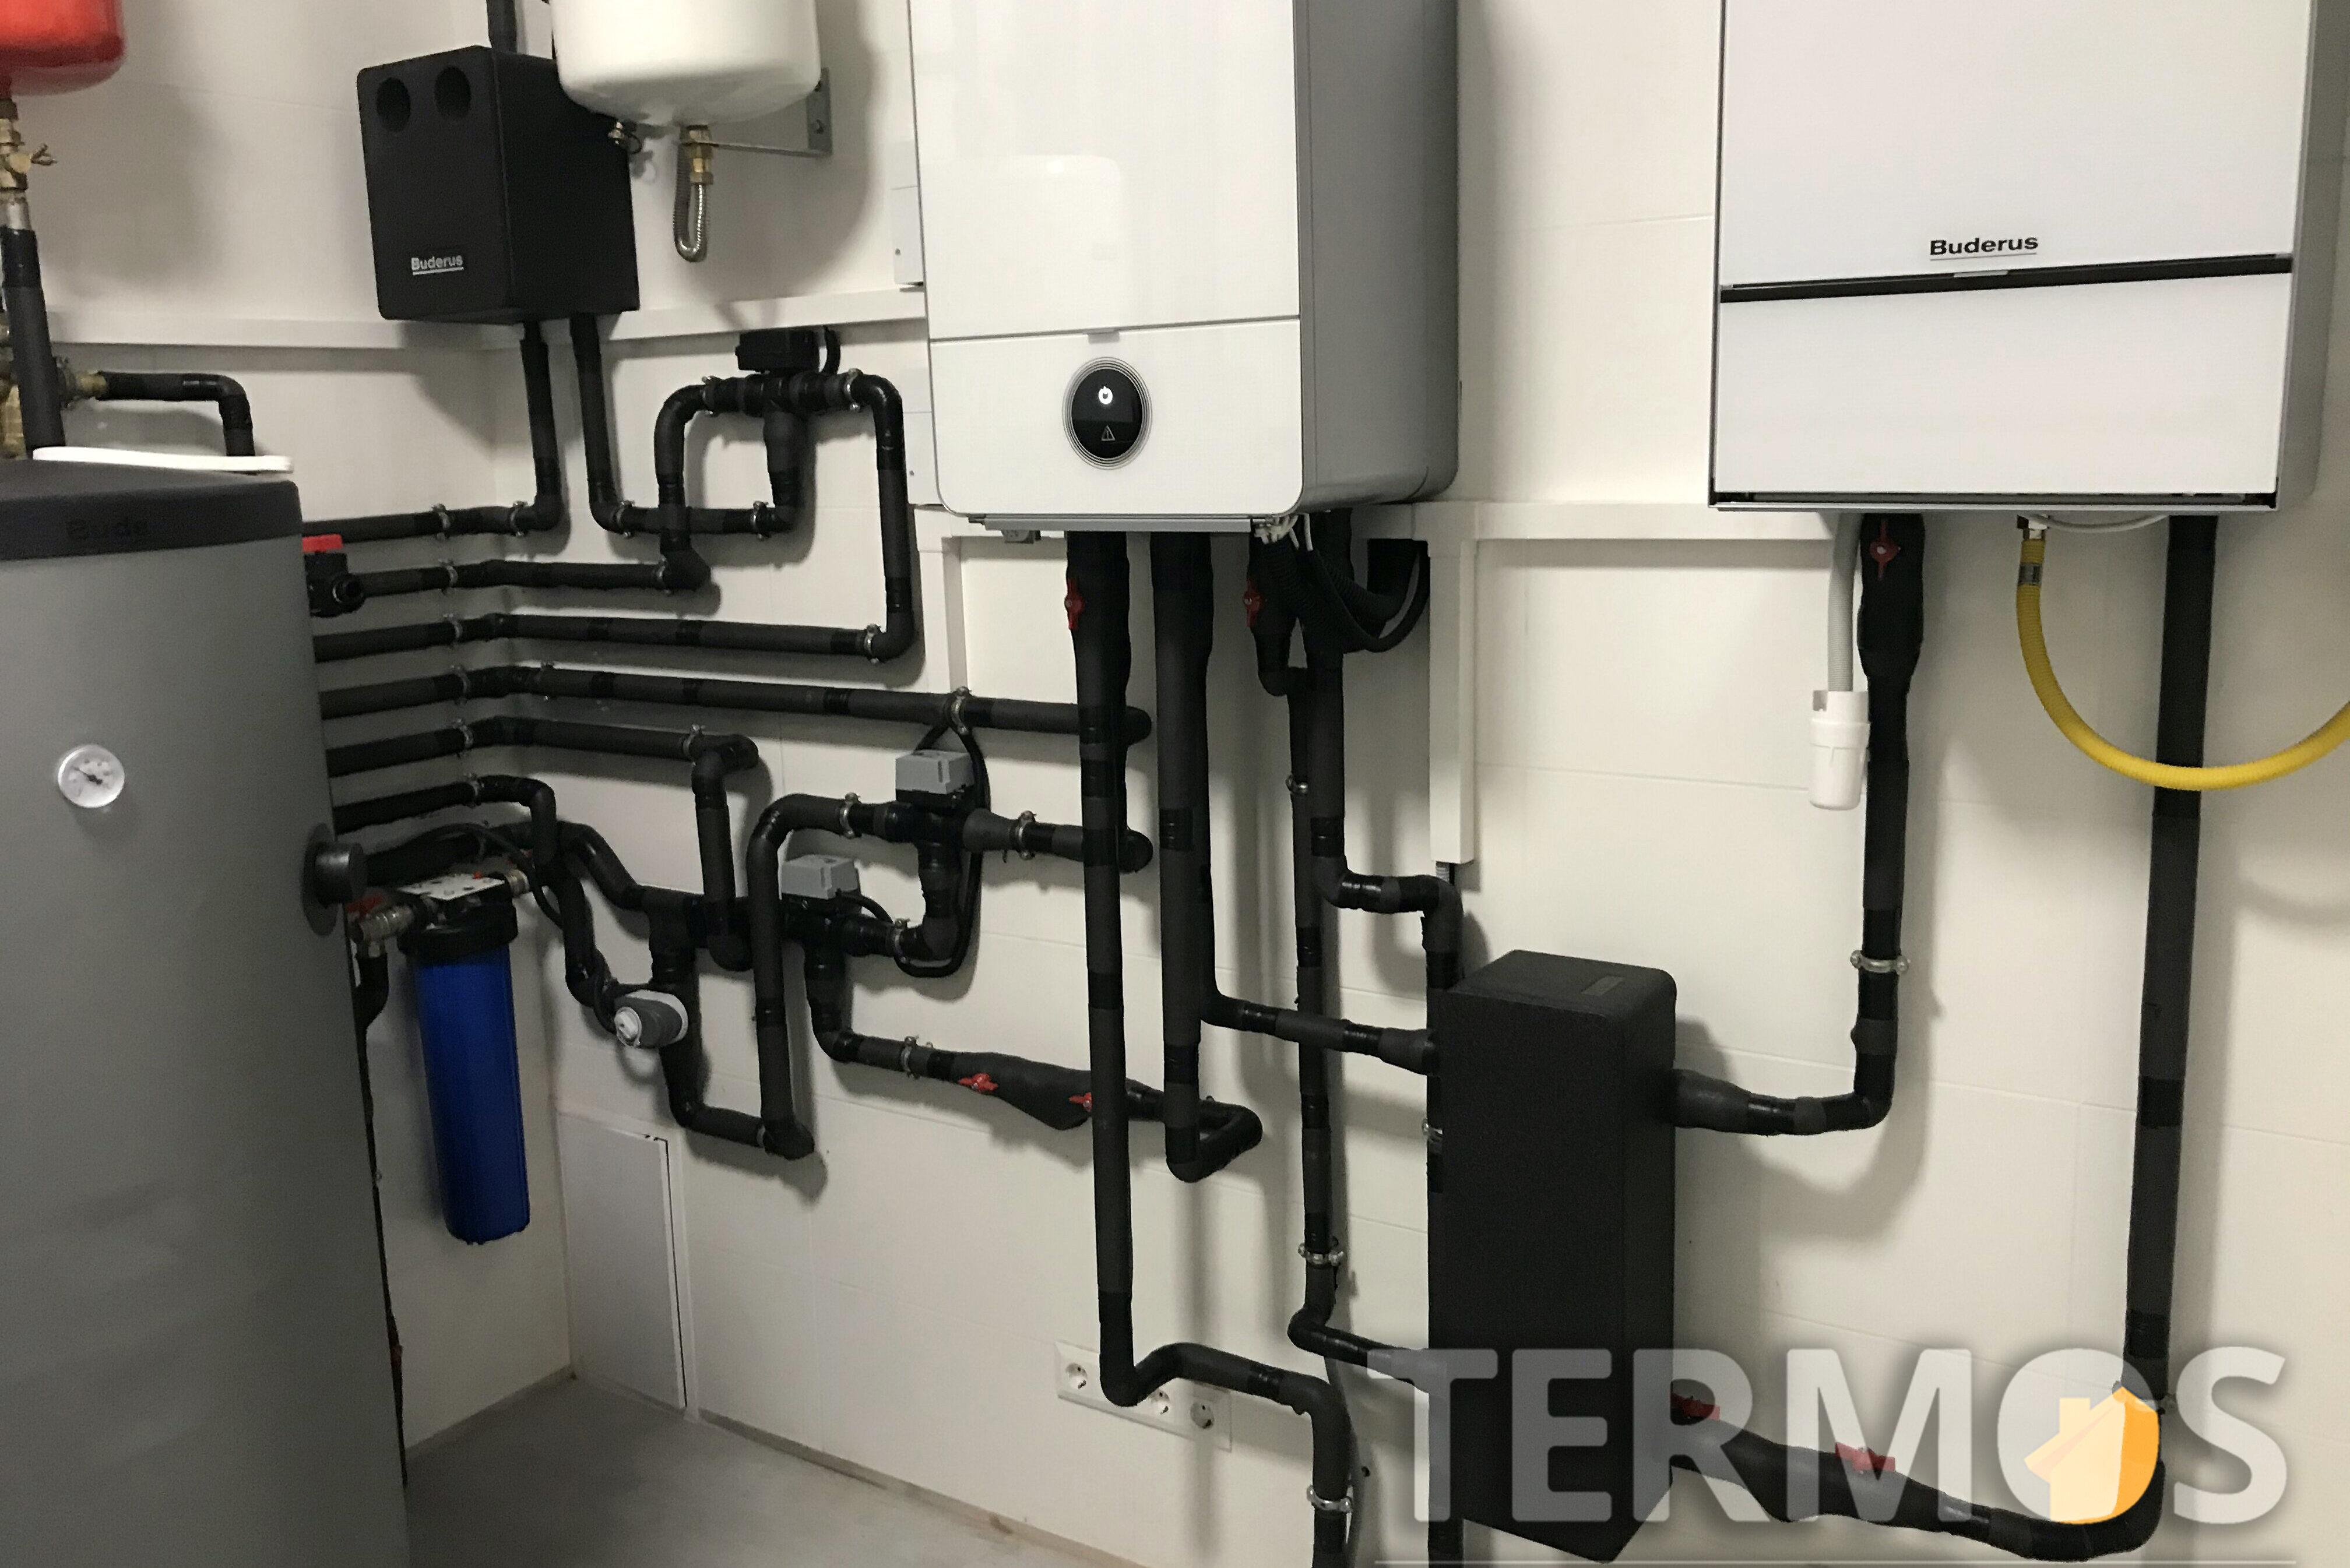 Автоматика теплового насоса, анализируя наружную температуру и режим  работы, выбирает источники тепла, обеспечивающие большую эффективность